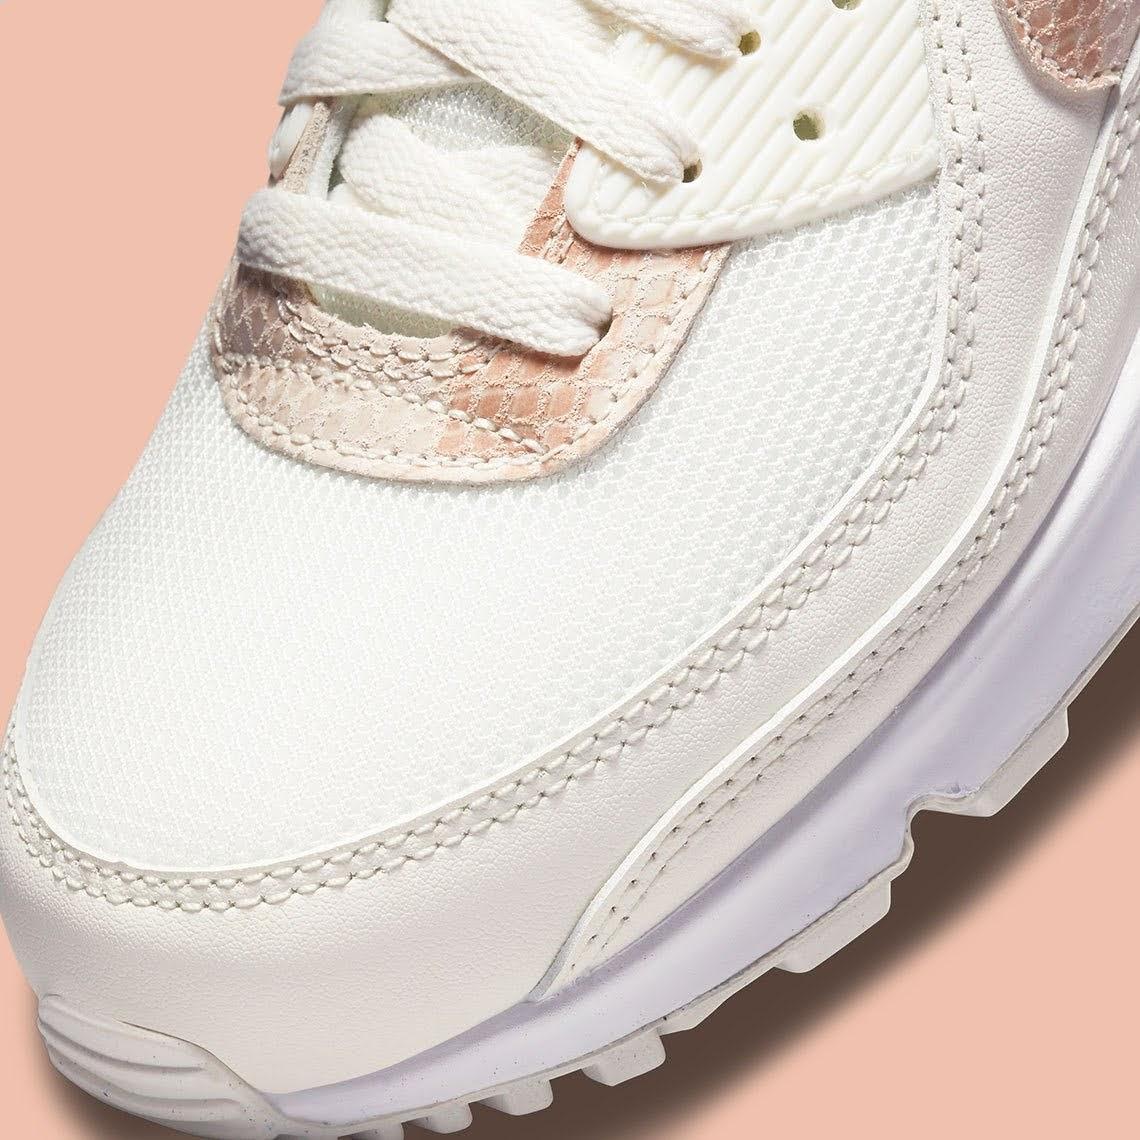 """ナイキ ウィメンズ エア マックス 90 """"ベージュ スネーク"""" Nike-WMNS-Air-Max-90-Beige-Snake-DH4115-101-toe"""